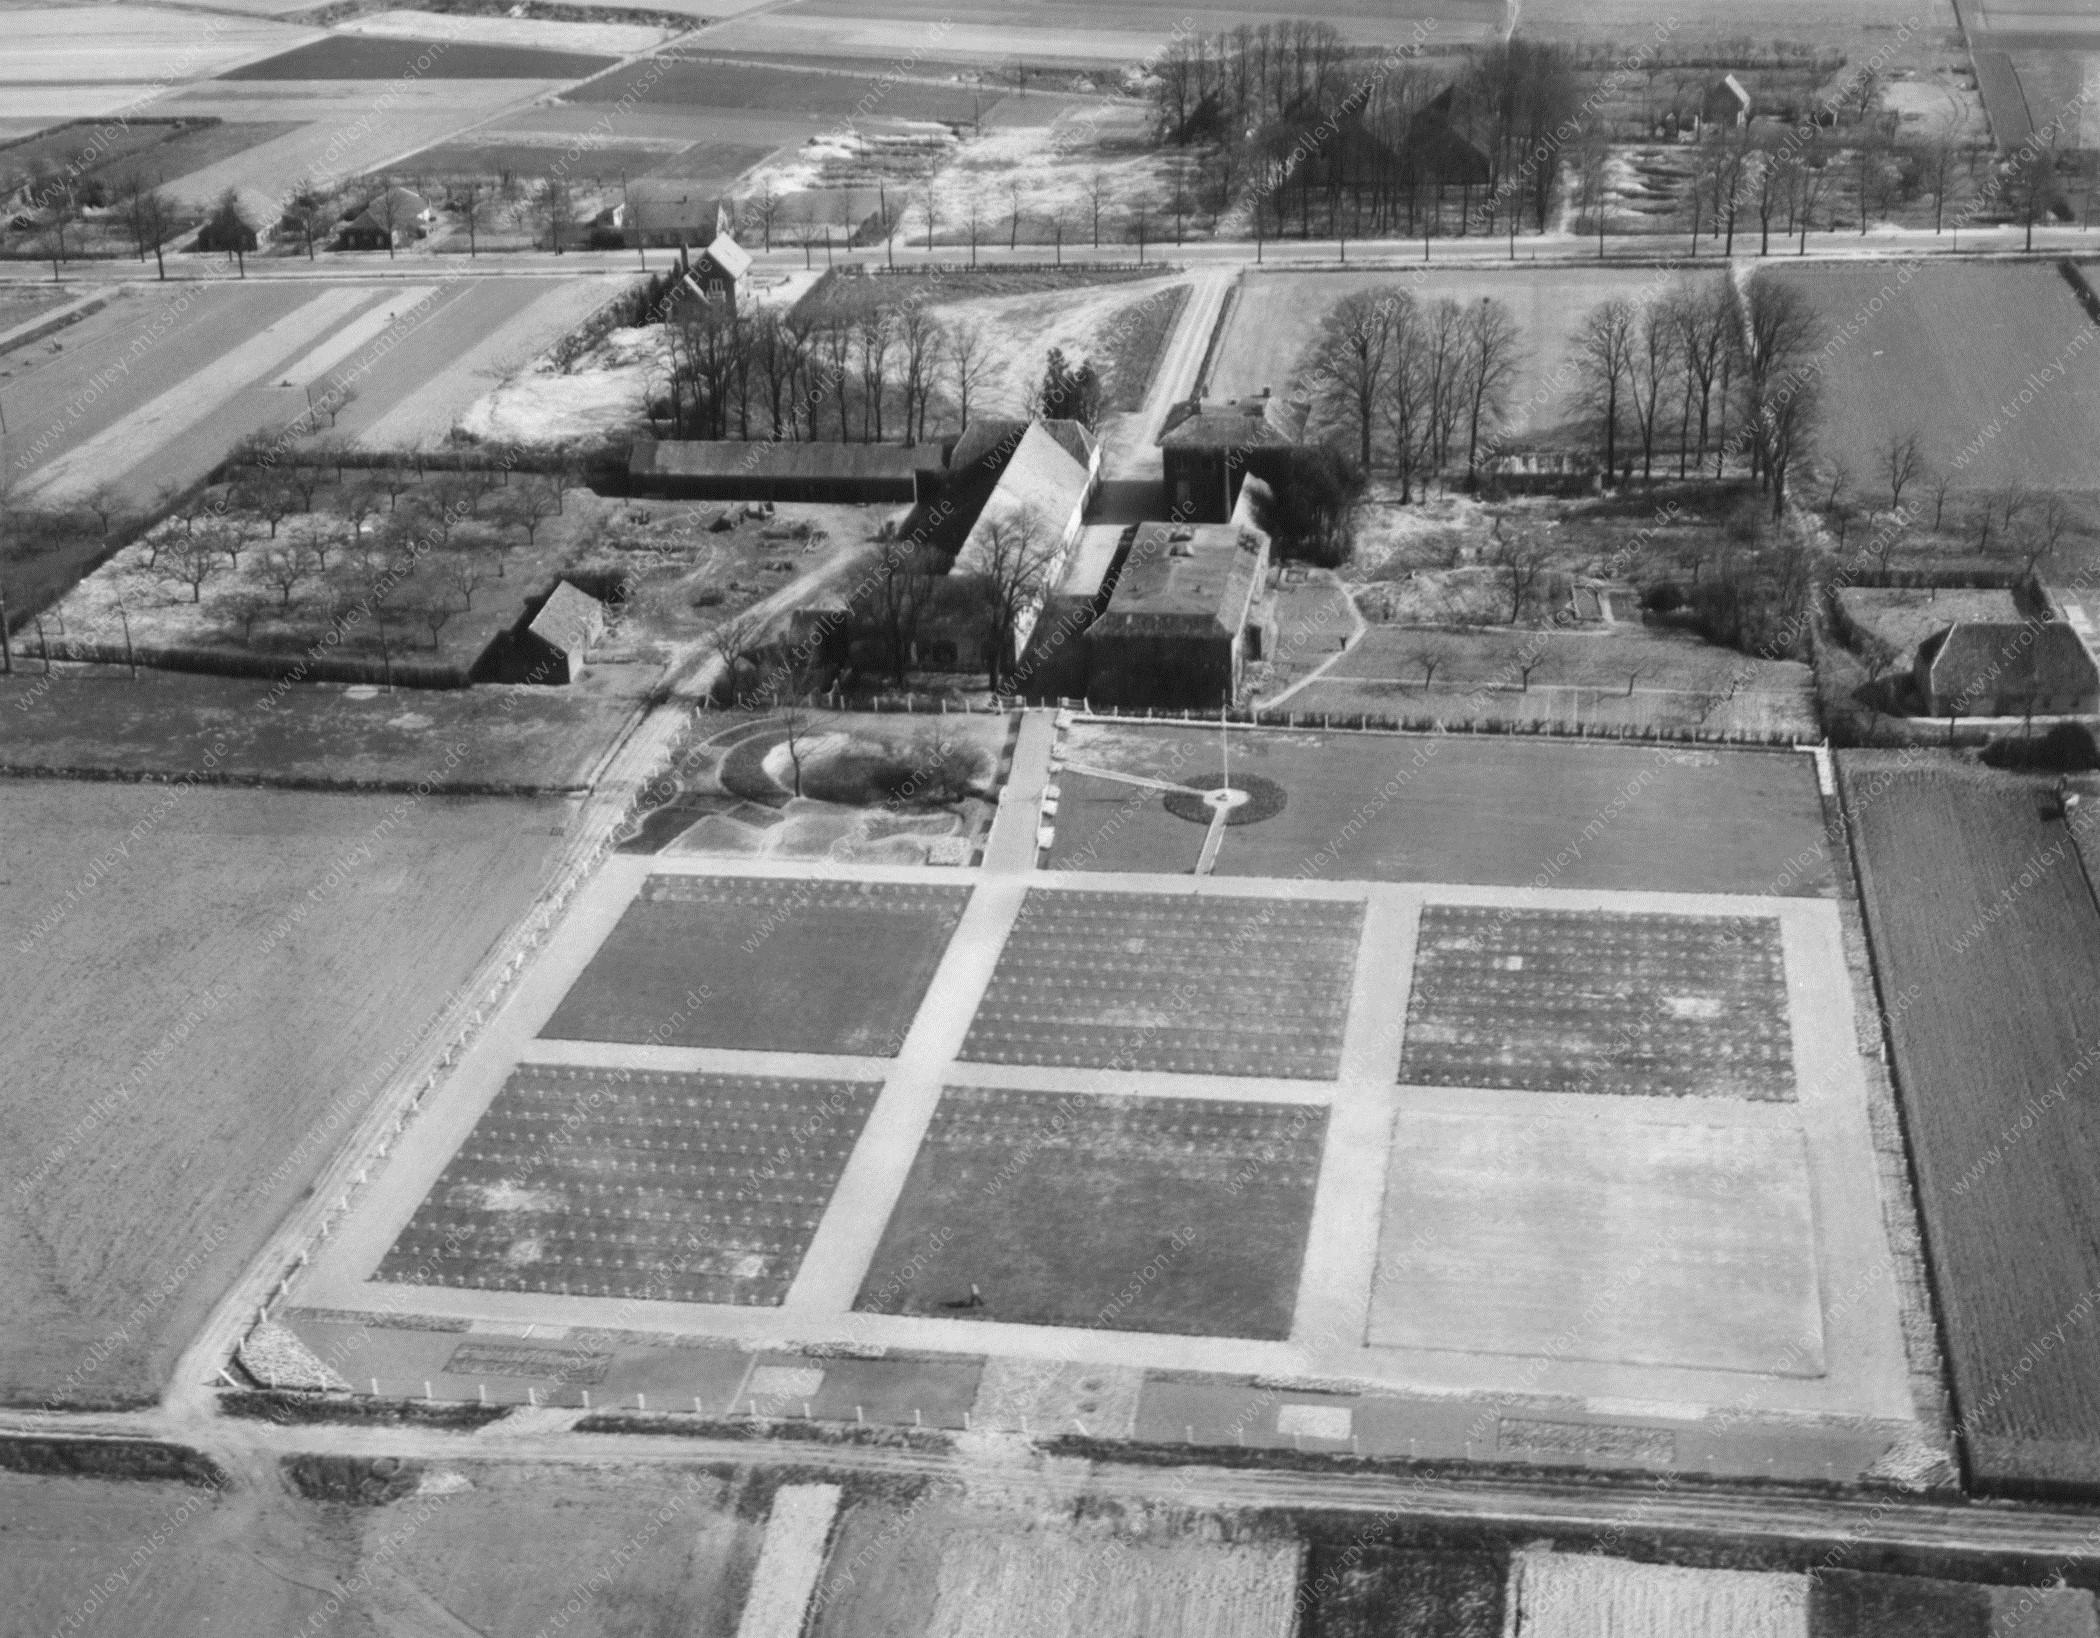 Soldatenfriedhof in Molenhoek bei Nijmegen (Nimwegen) - Amerikaanse begraafplaats Molenhoek - United States Military Cemetery (Niederlande)